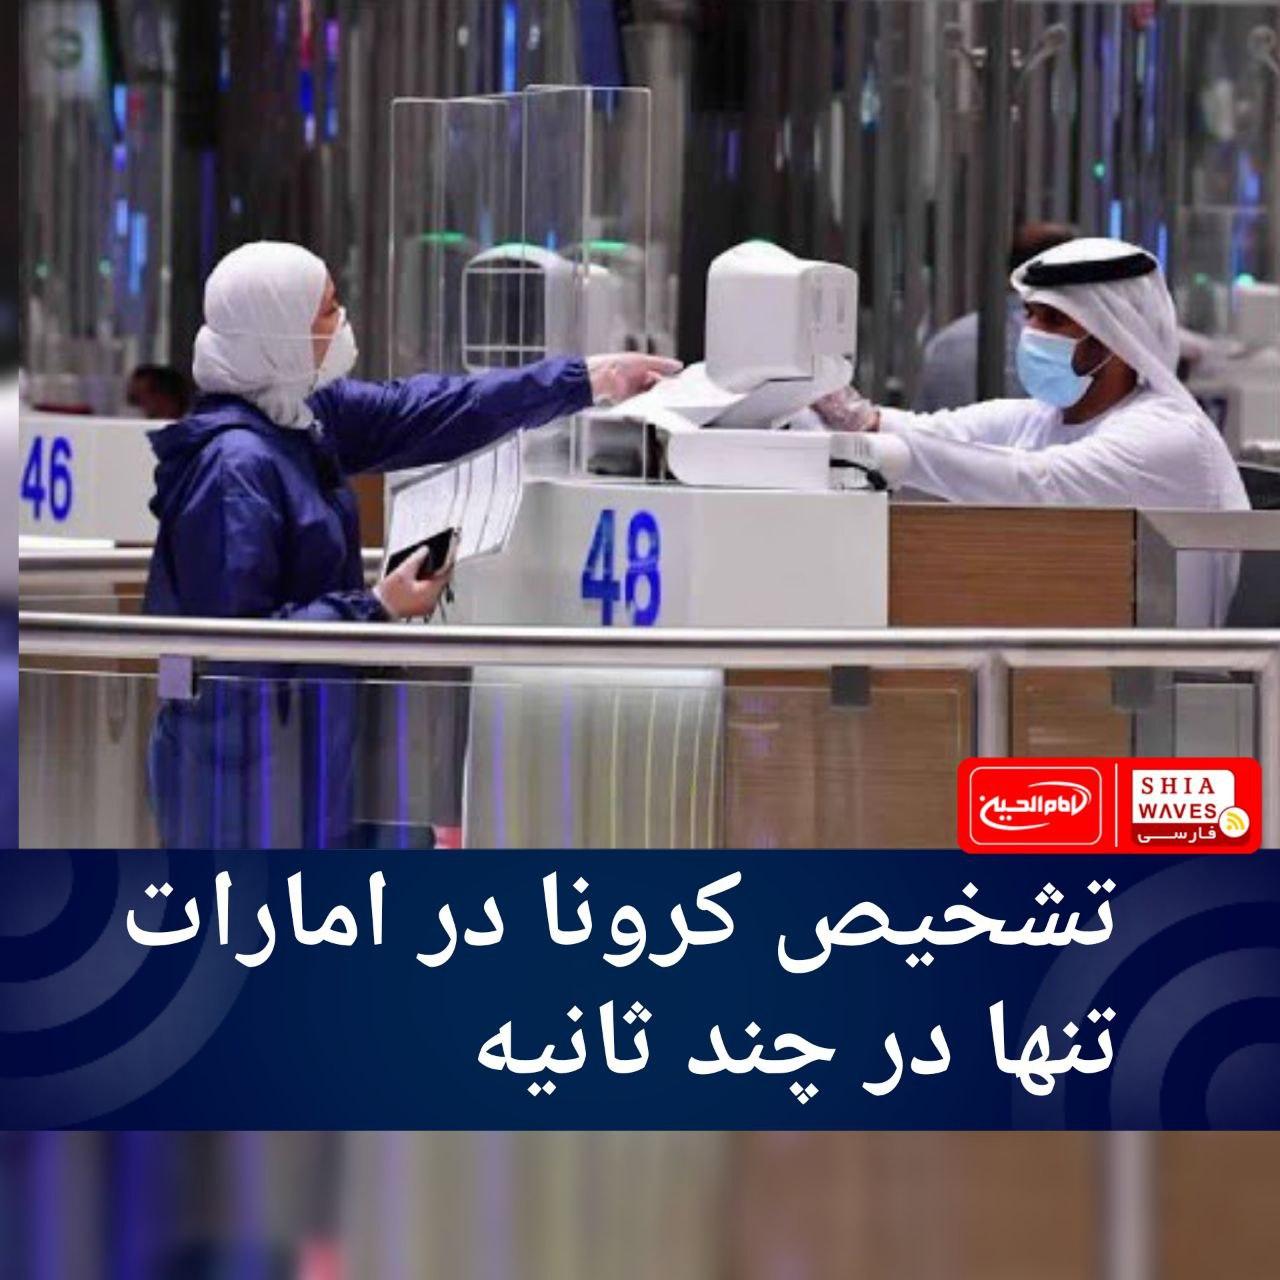 تصویر تشخیص کرونا در امارات تنها در چند ثانیه